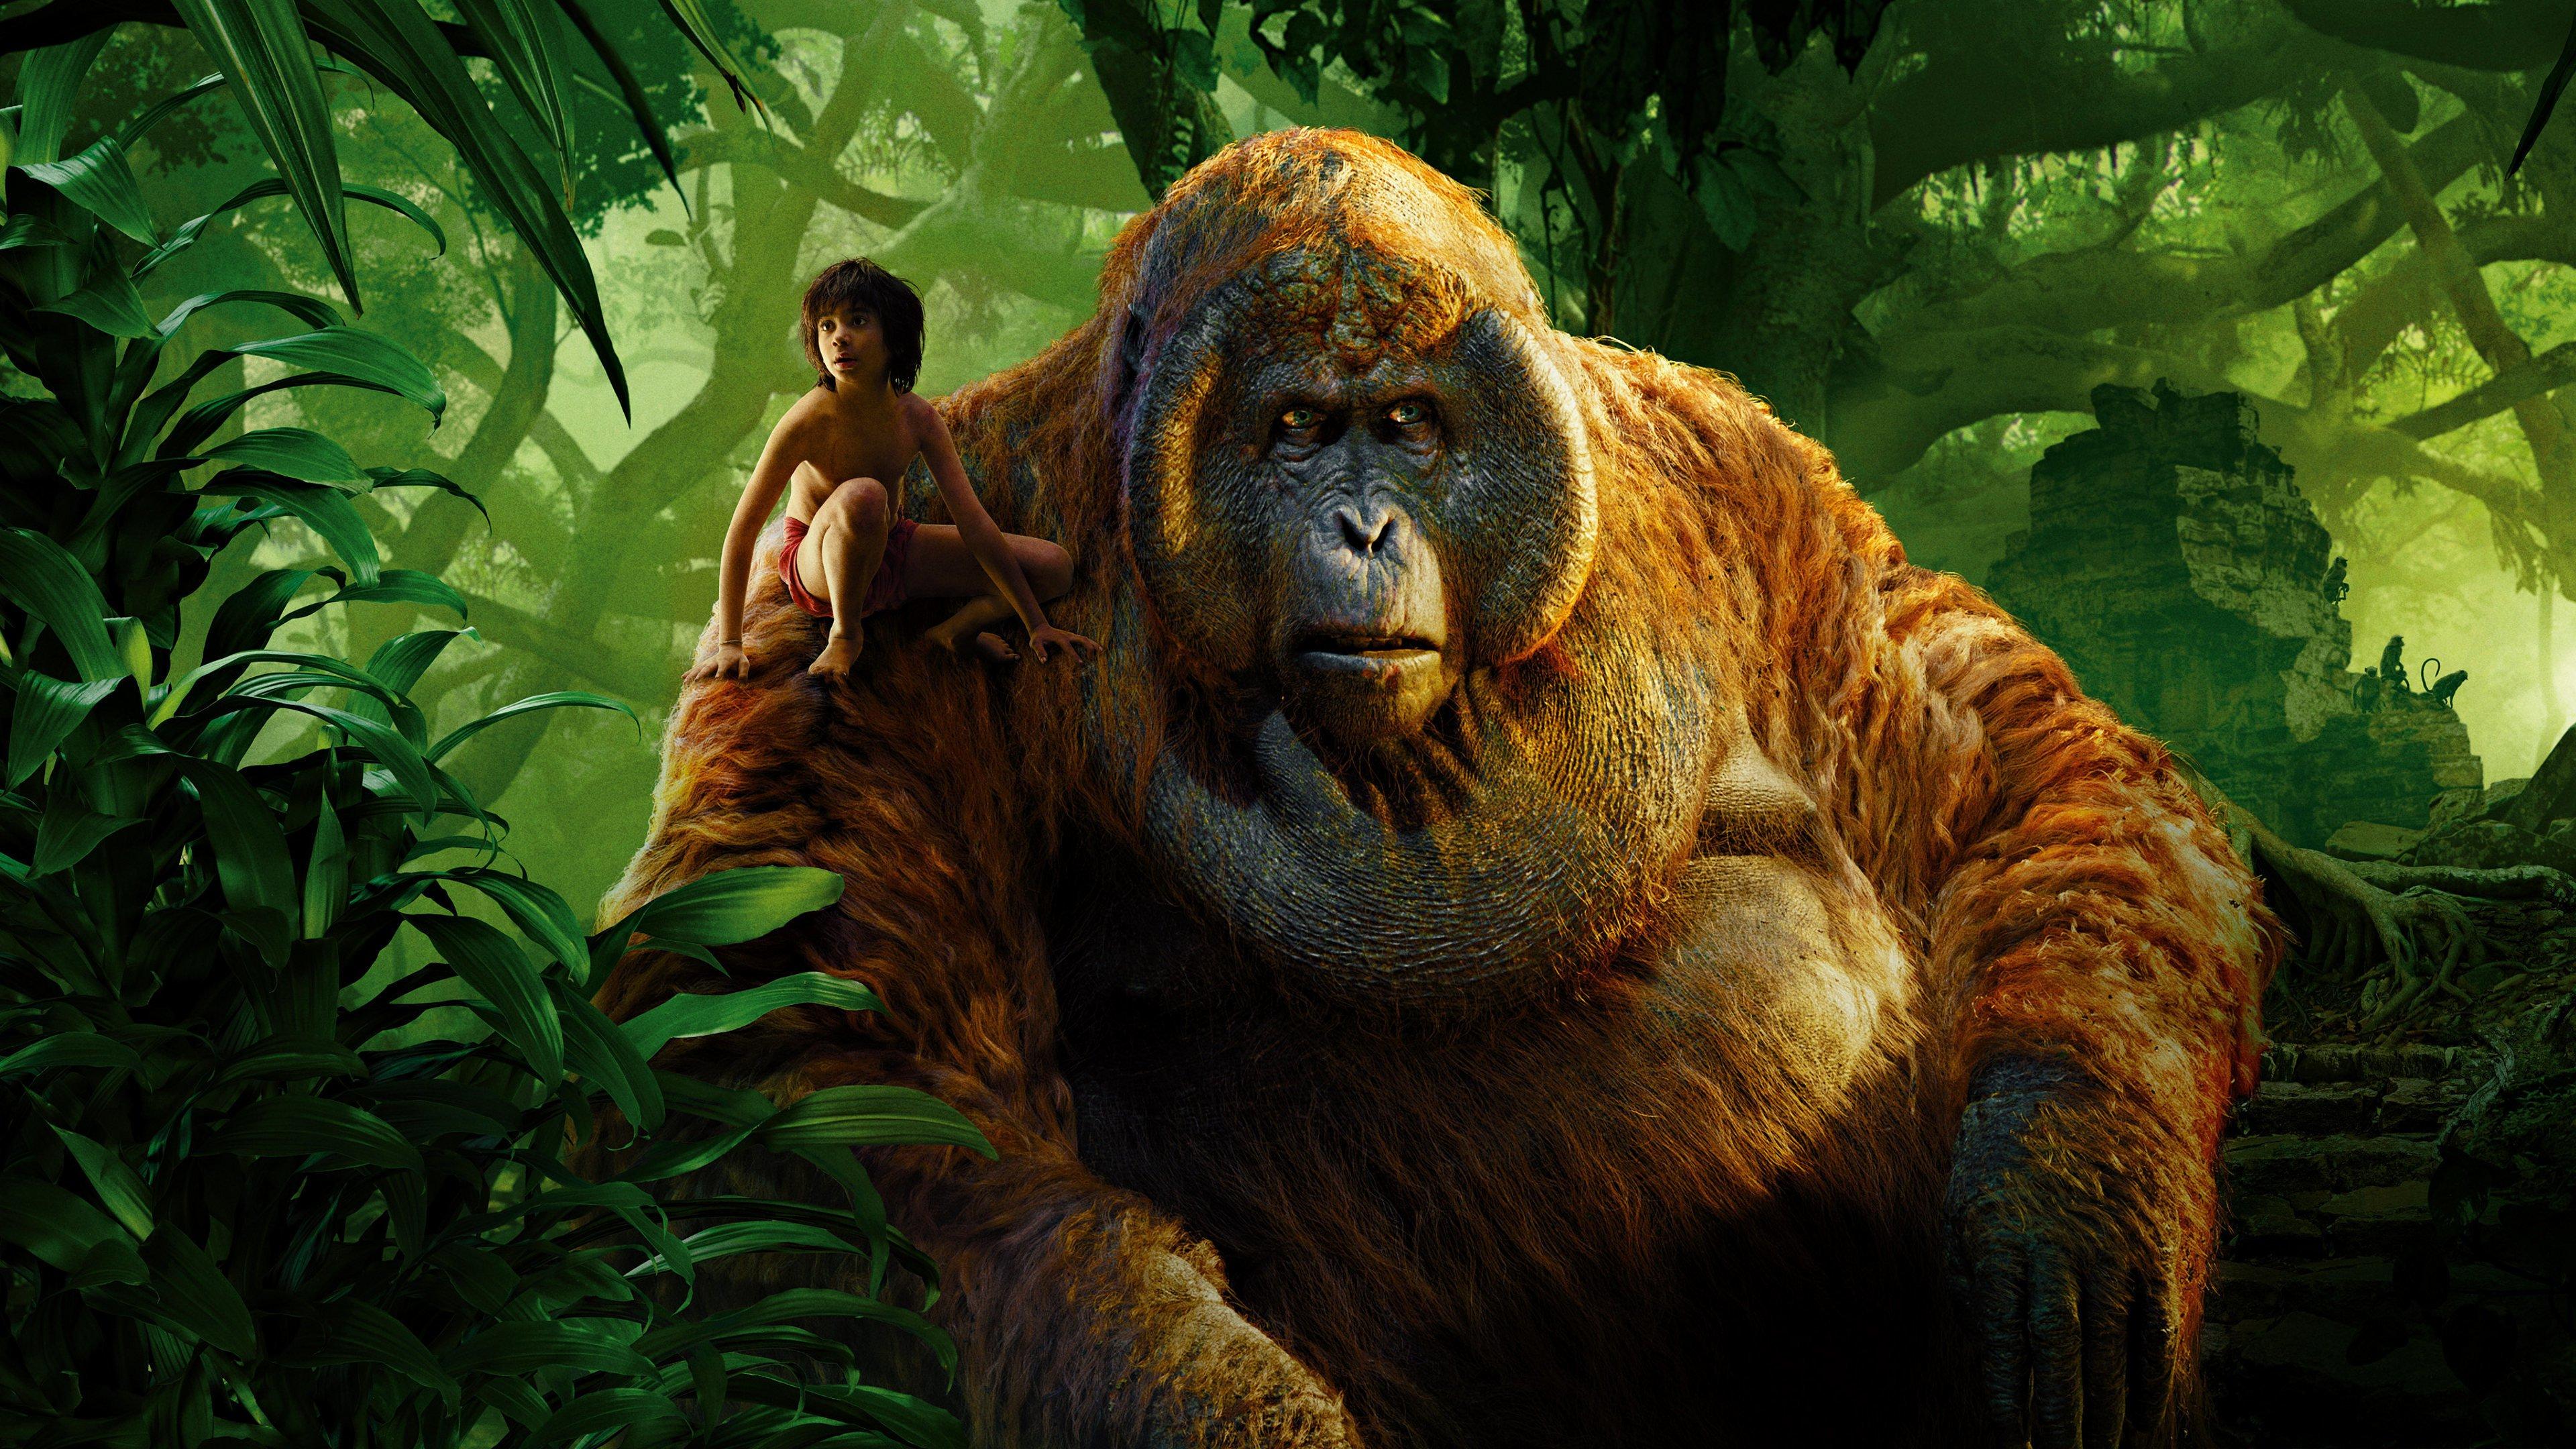 mowgli the jungle book 2016 full movie